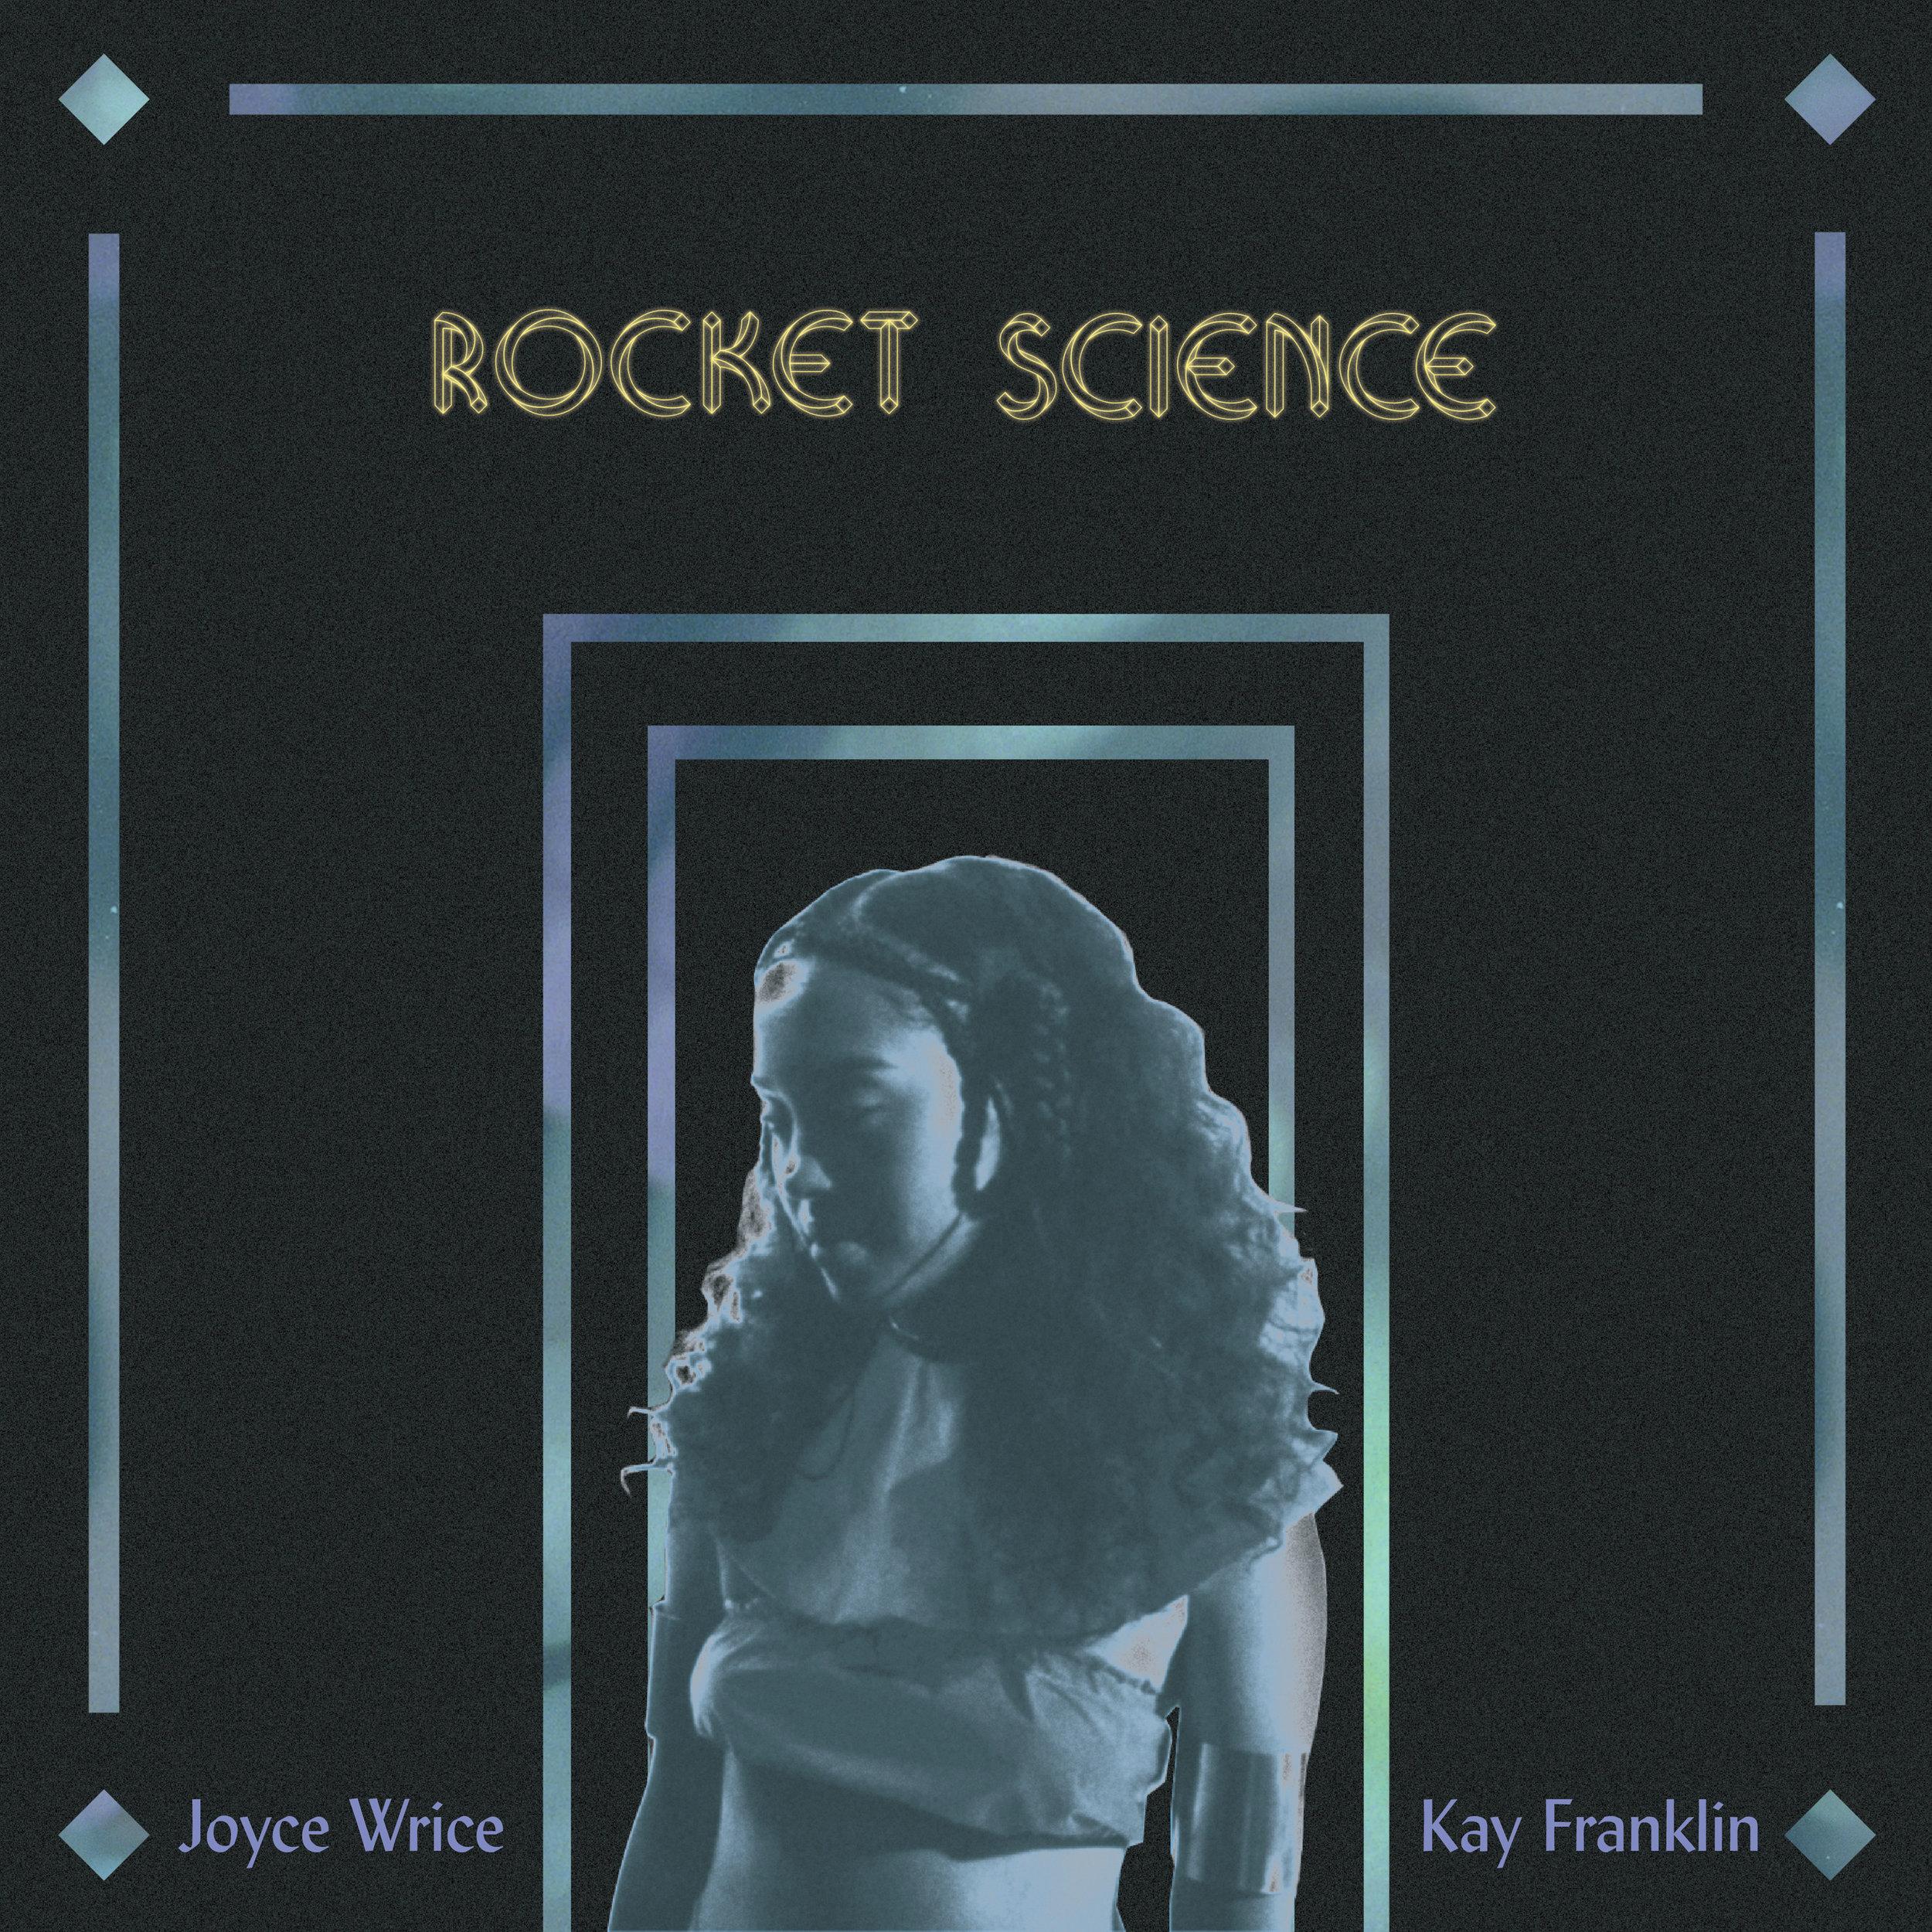 rocket science cover art final_3kx3k.jpg